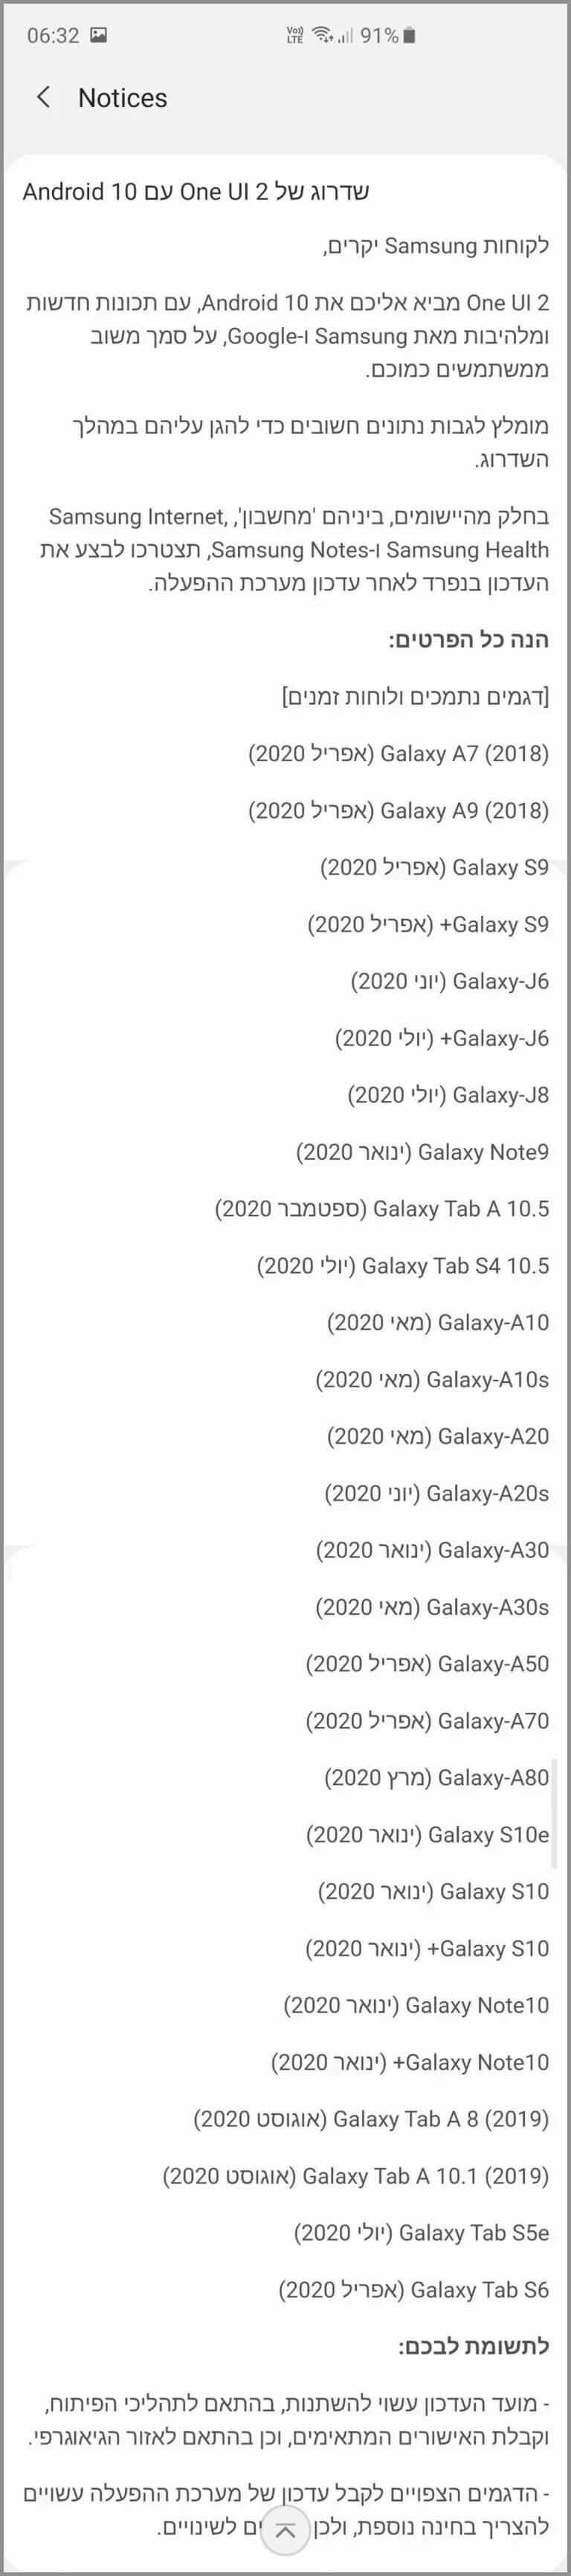 Samsung Android 10 calendario de actualizaciones